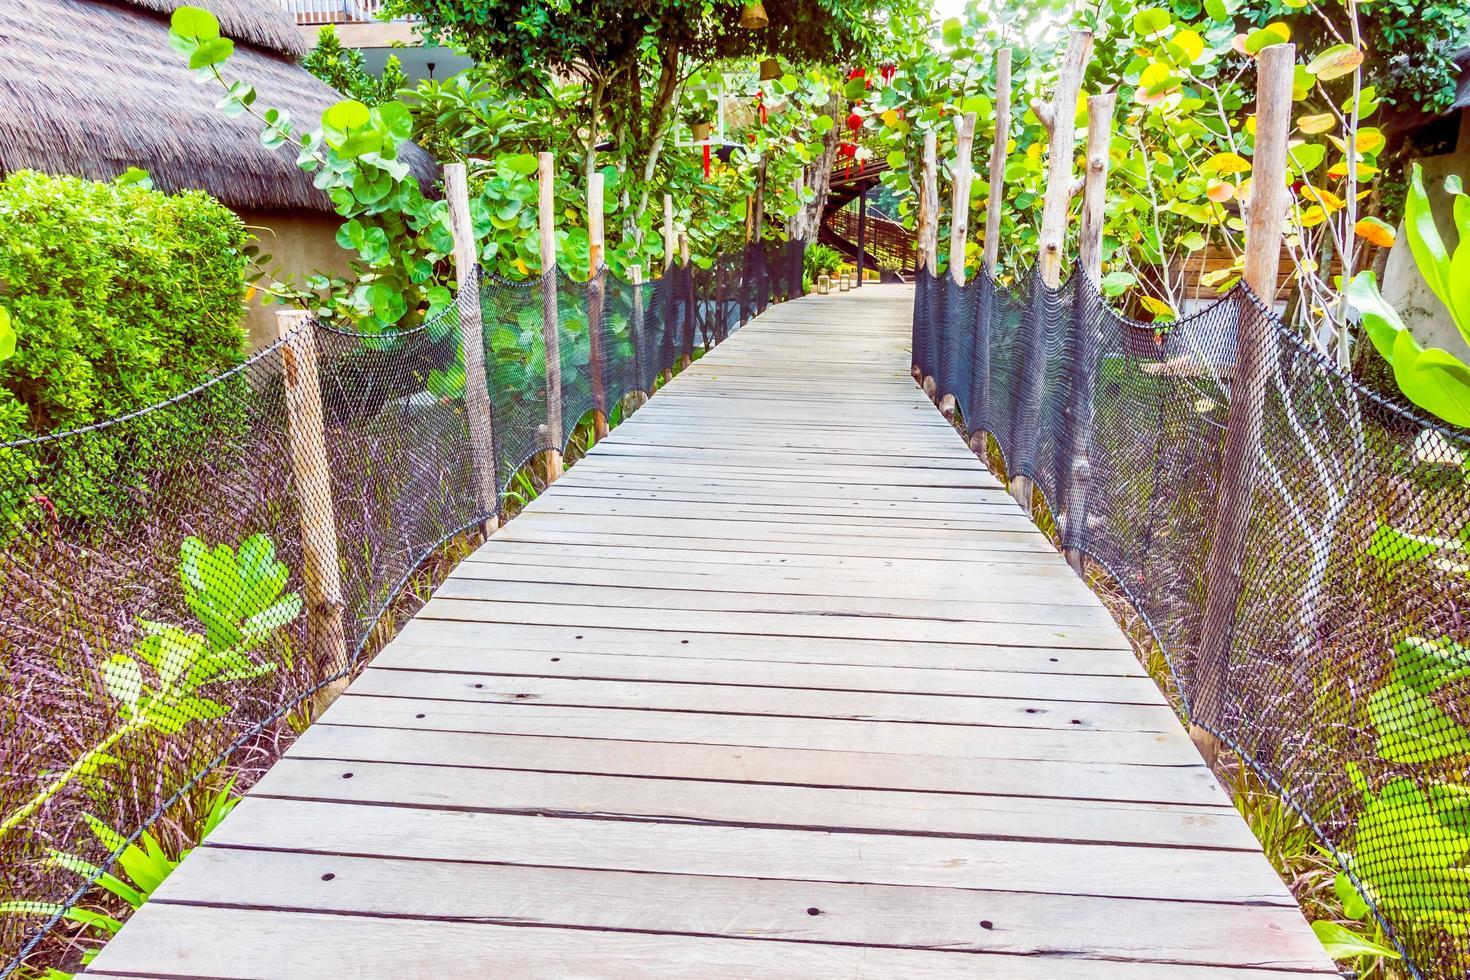 camino de madera para caminar foto